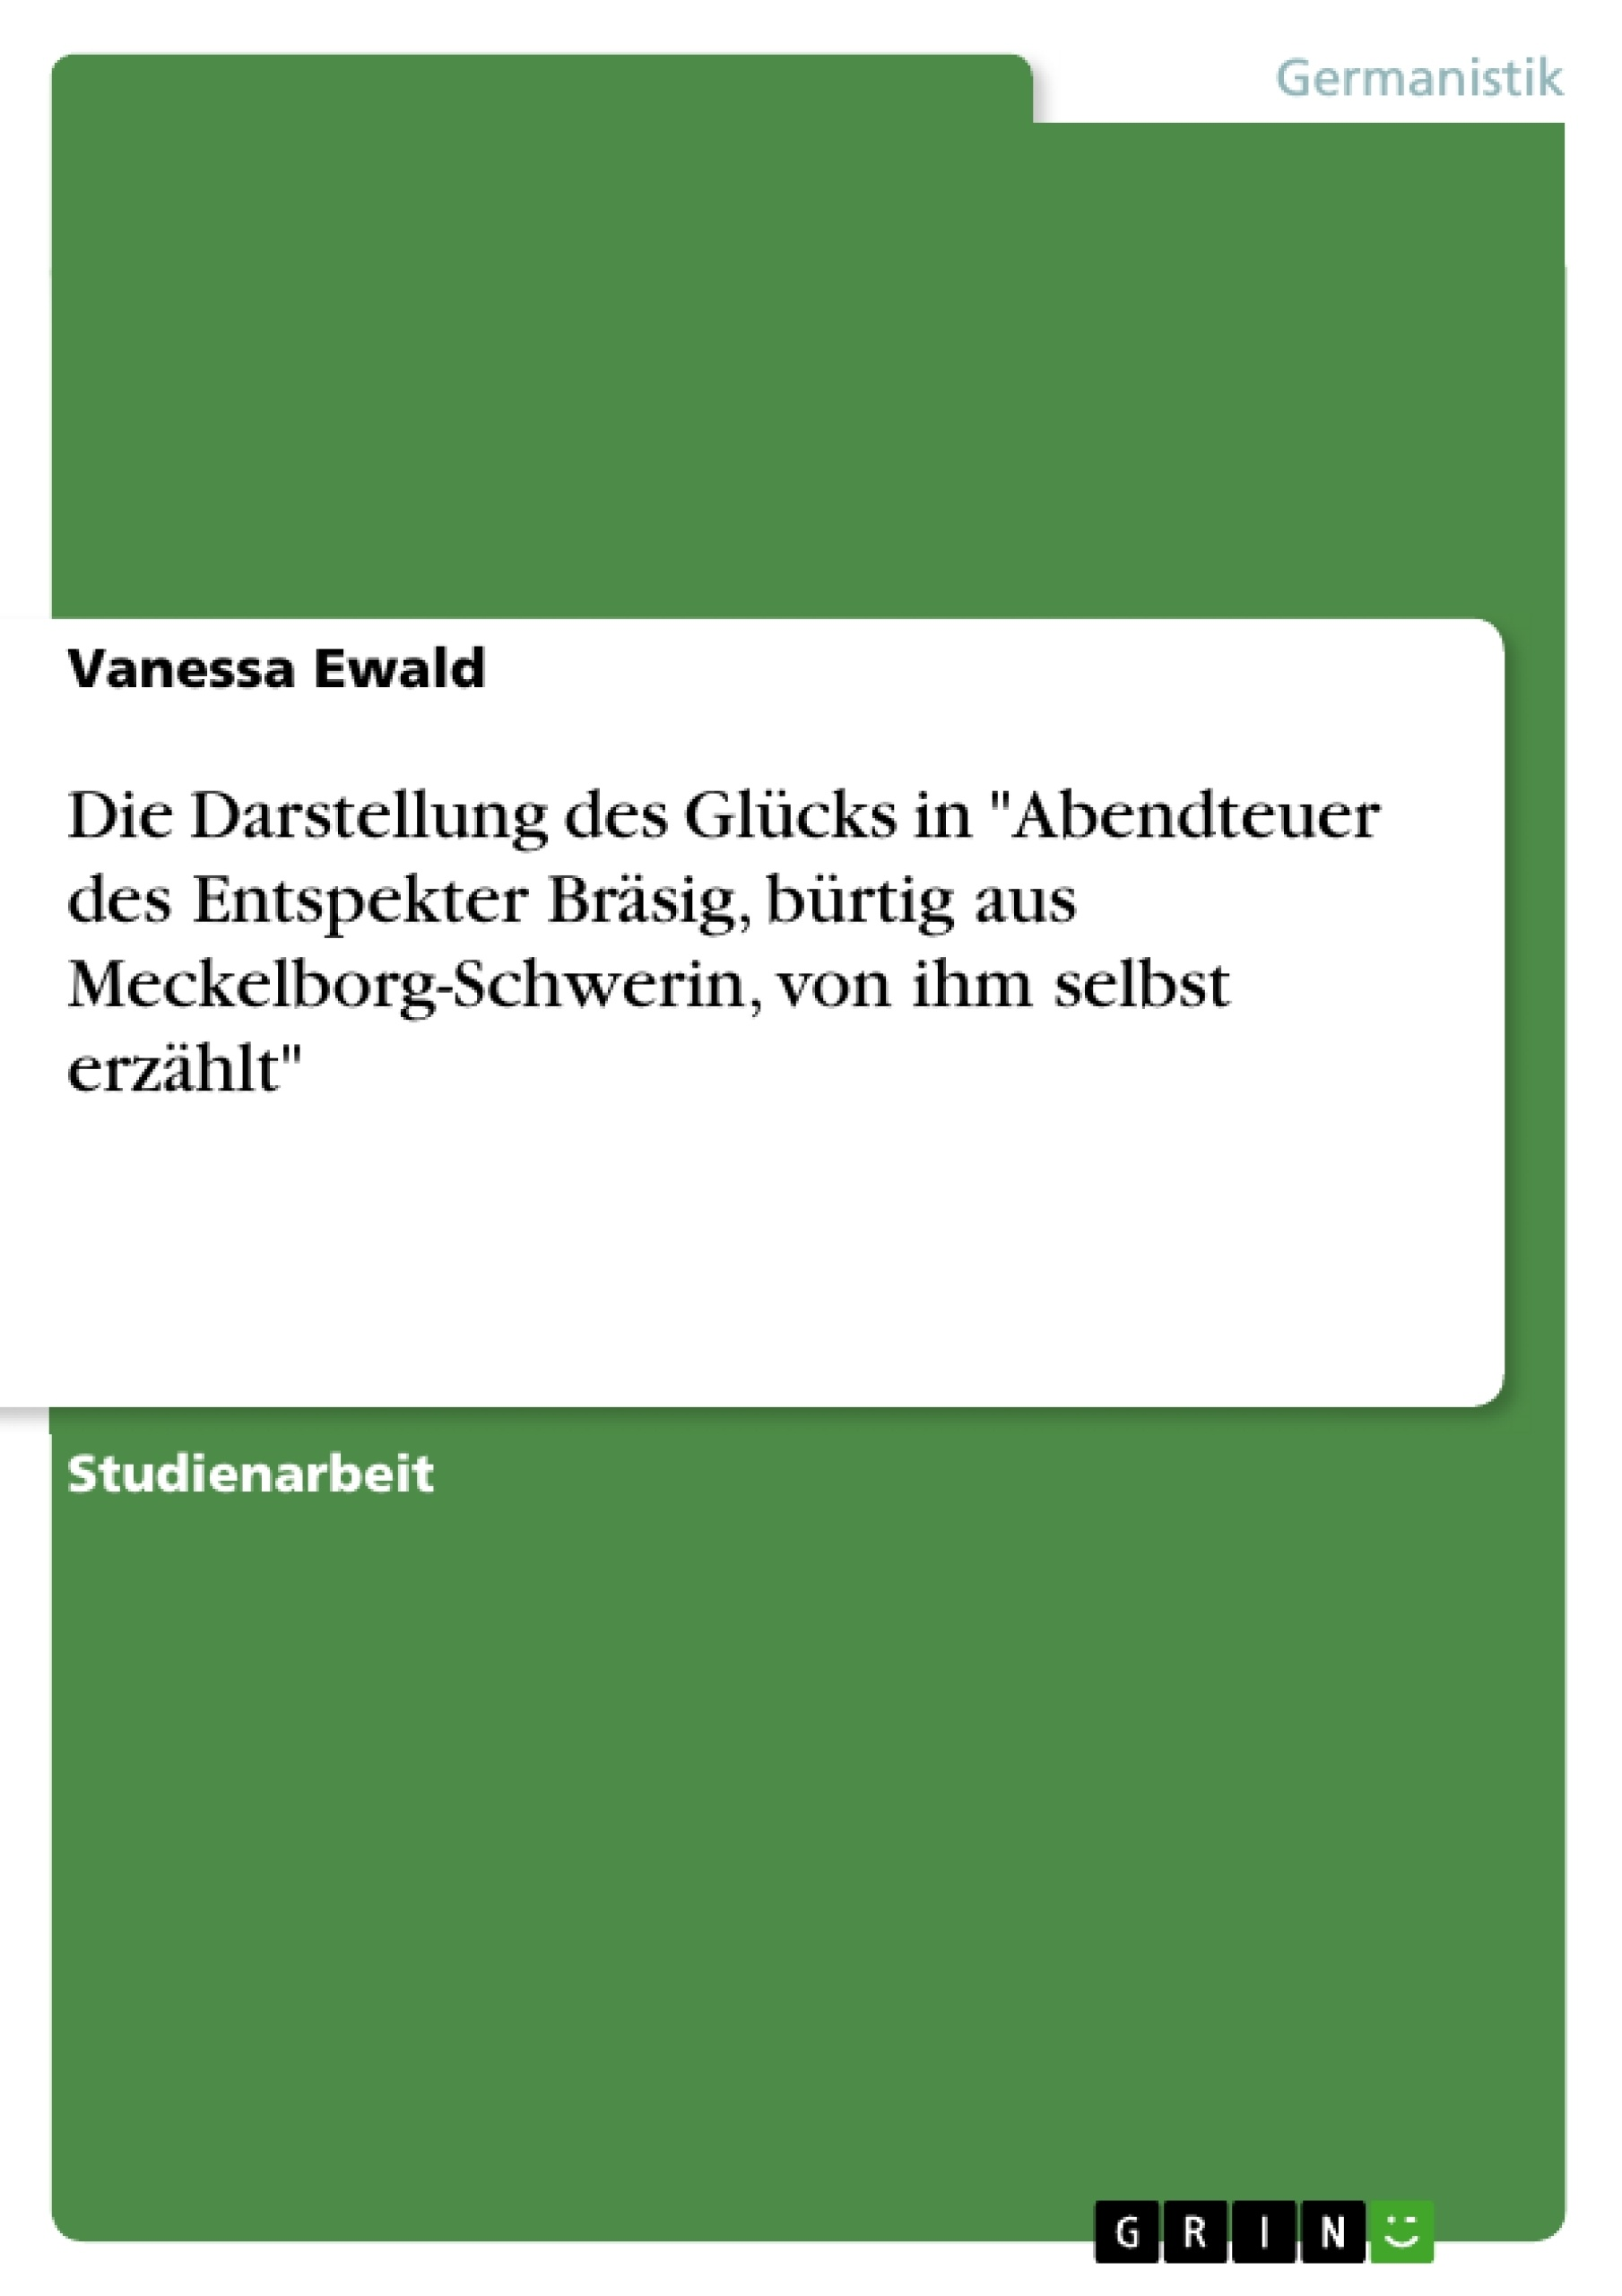 """Titel: Die Darstellung des Glücks in """"Abendteuer des Entspekter Bräsig, bürtig aus Meckelborg-Schwerin, von ihm selbst erzählt"""""""